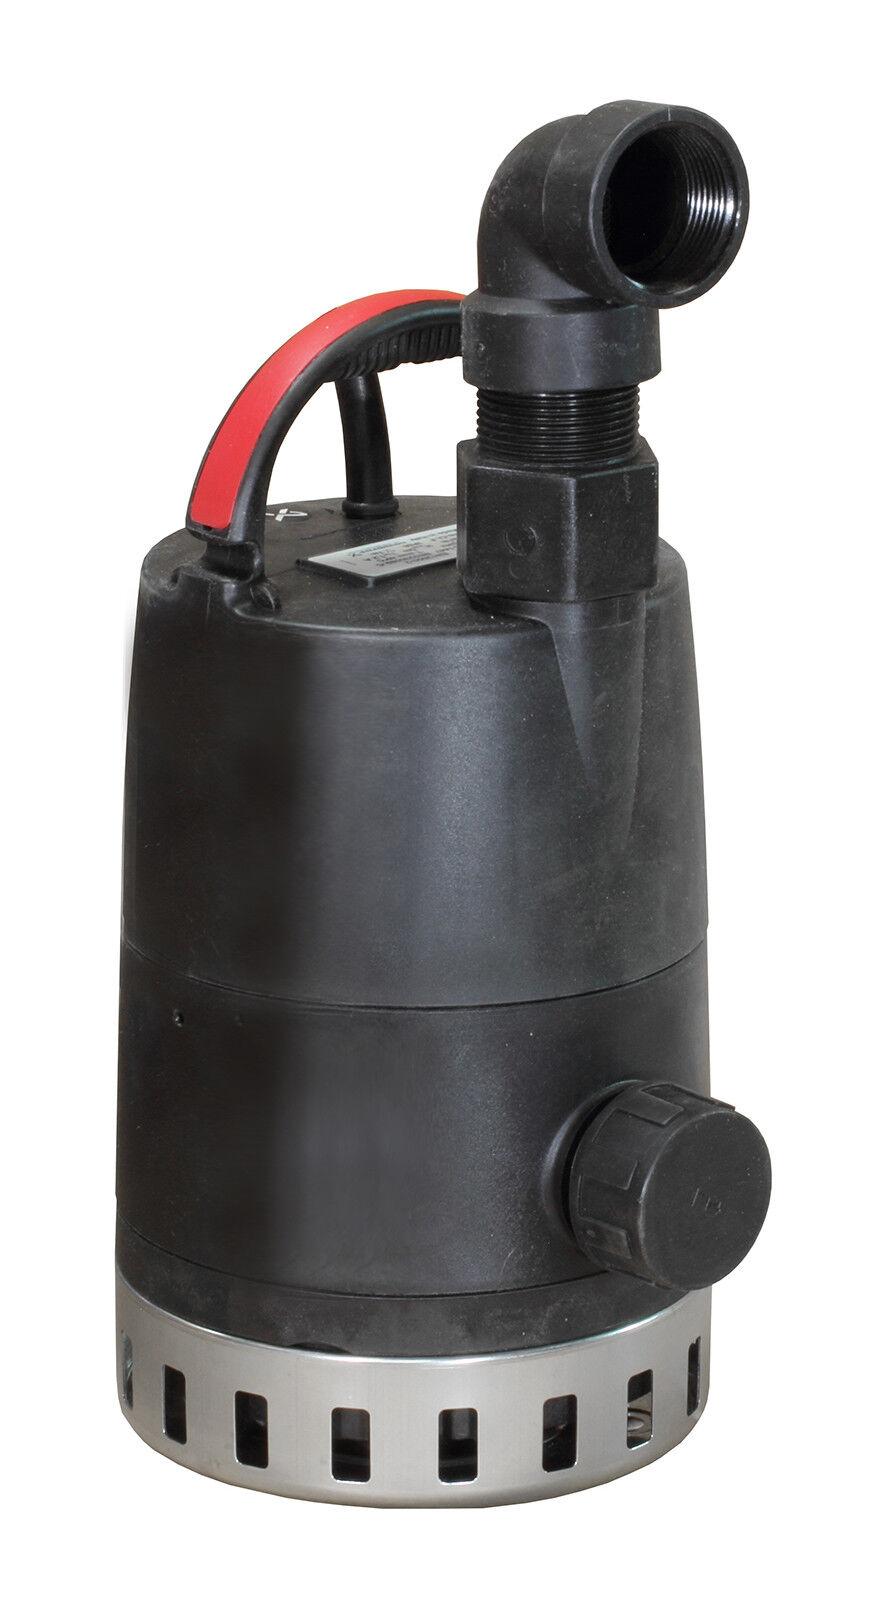 Schmutzwassertauchpumpe | | | Unilift CC 7  M1 | Grundfos | 96280967 8940ce